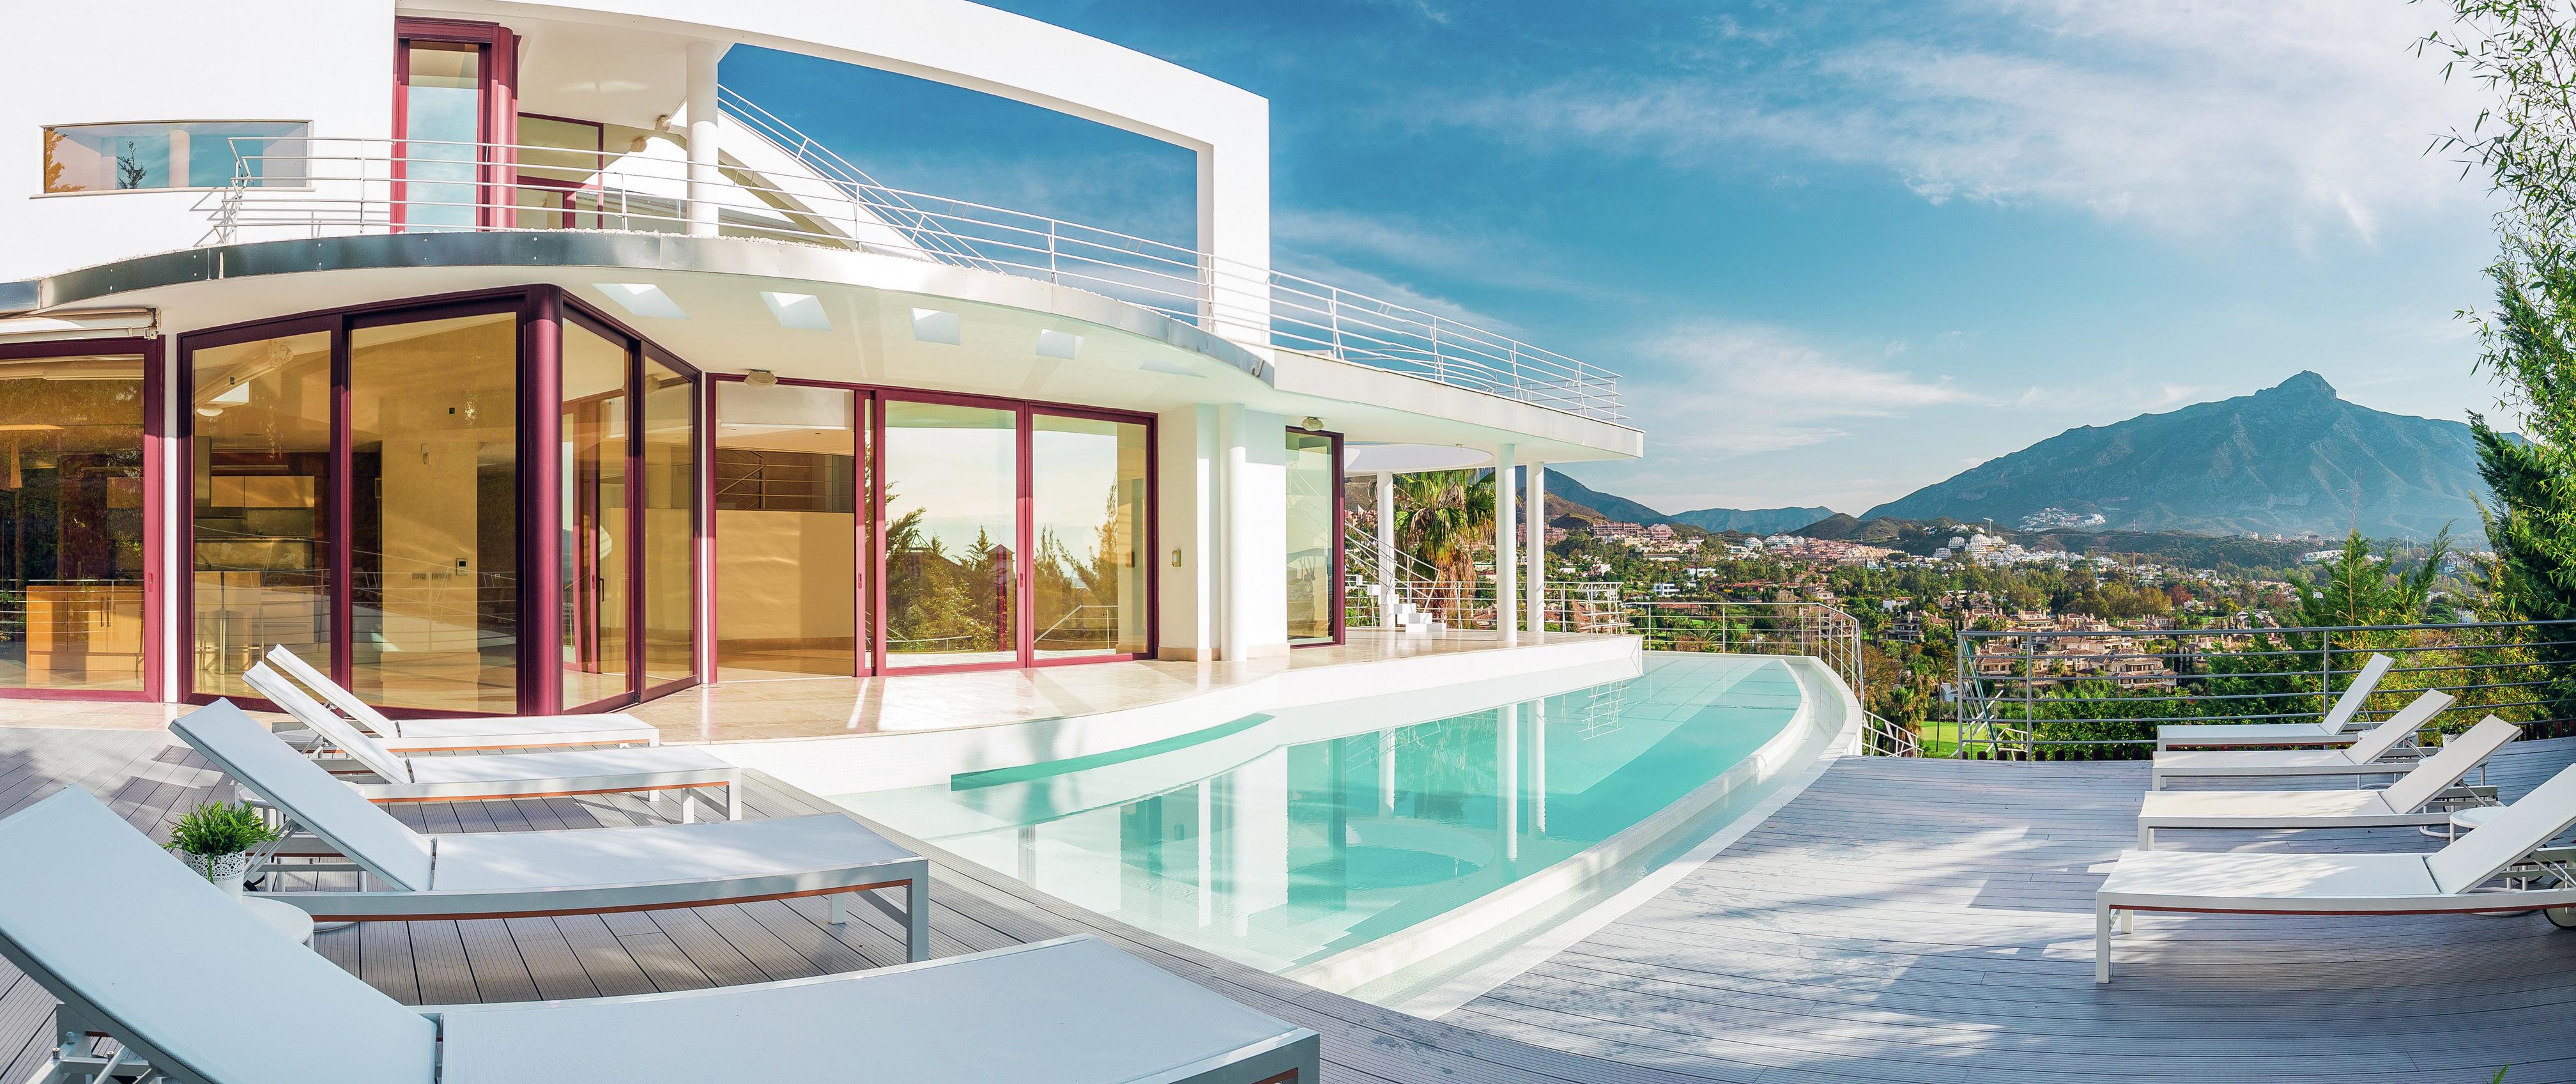 Marbella Modern Villas